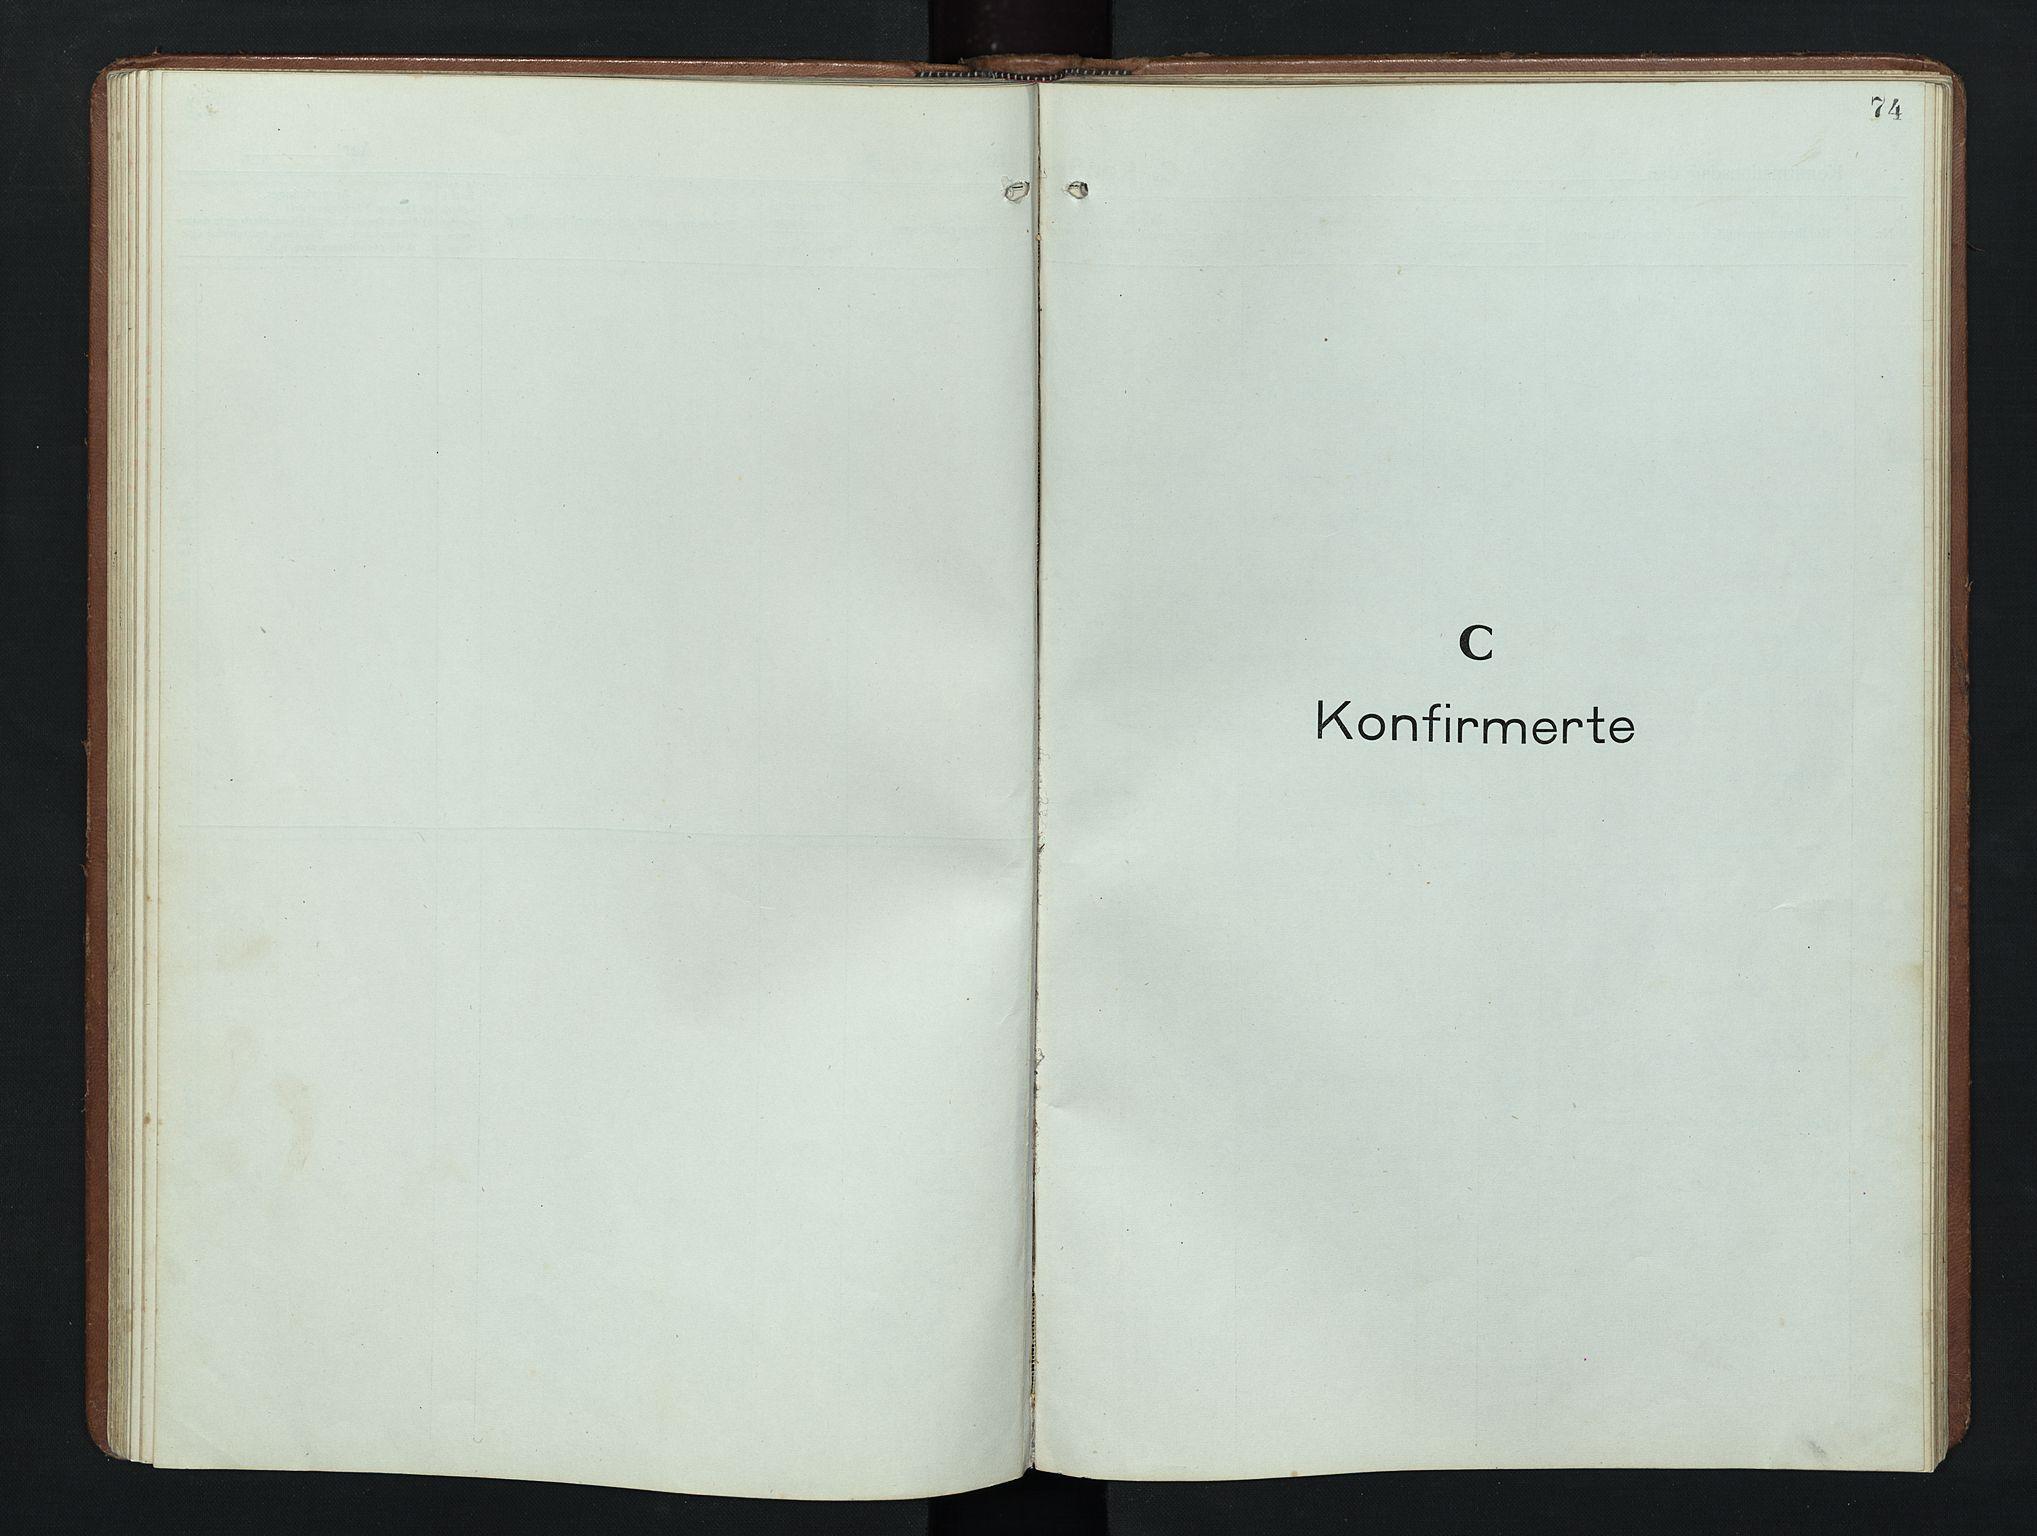 SAH, Nordre Land prestekontor, Klokkerbok nr. 9, 1921-1956, s. 74